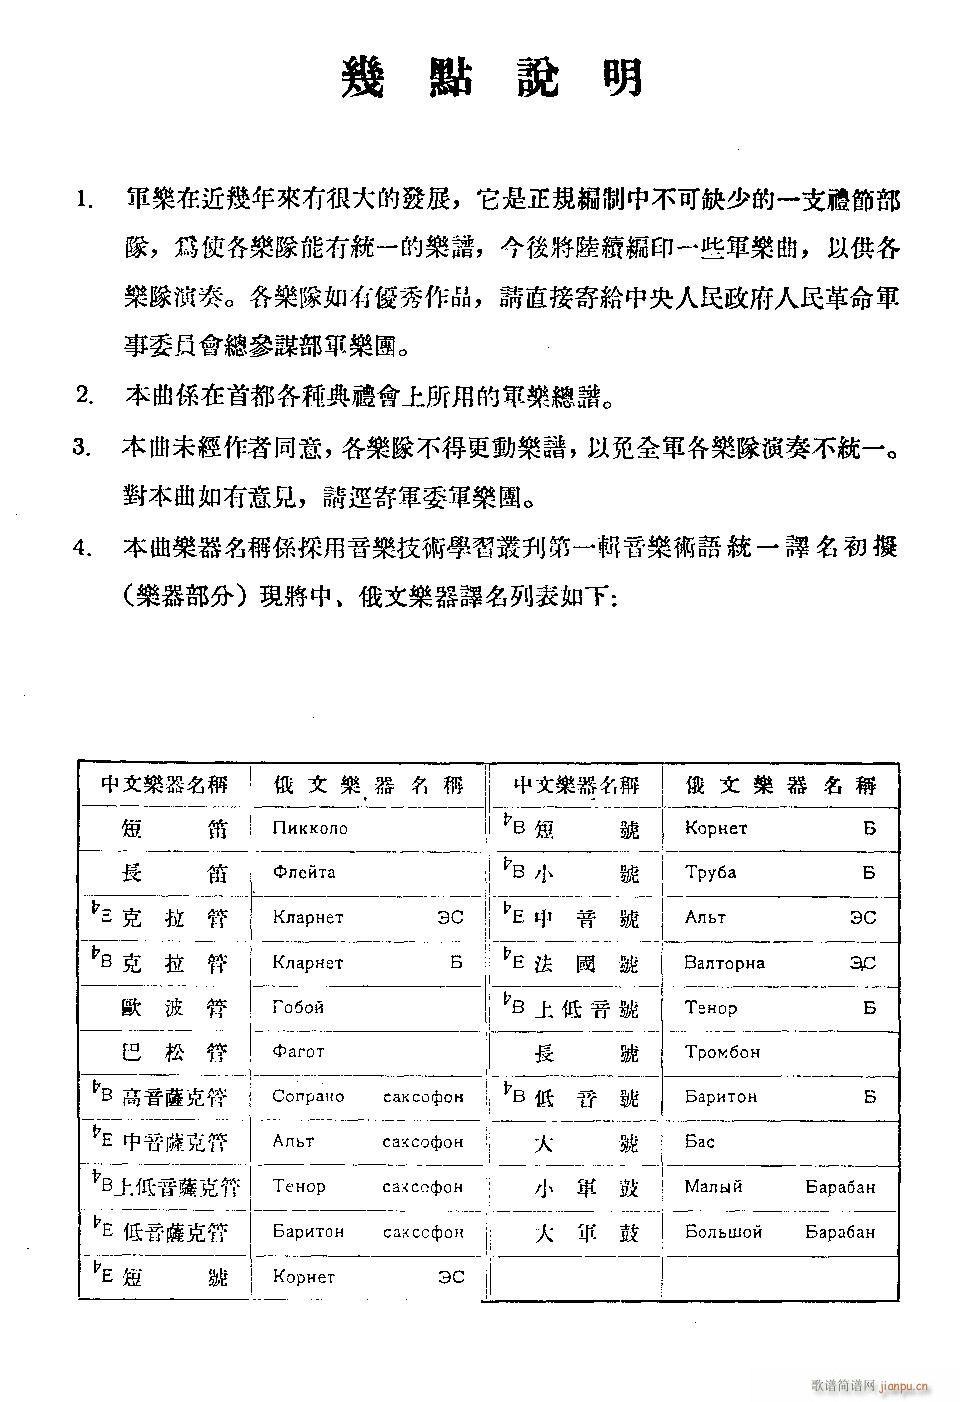 中华人民共和国国歌 军乐(总谱)5